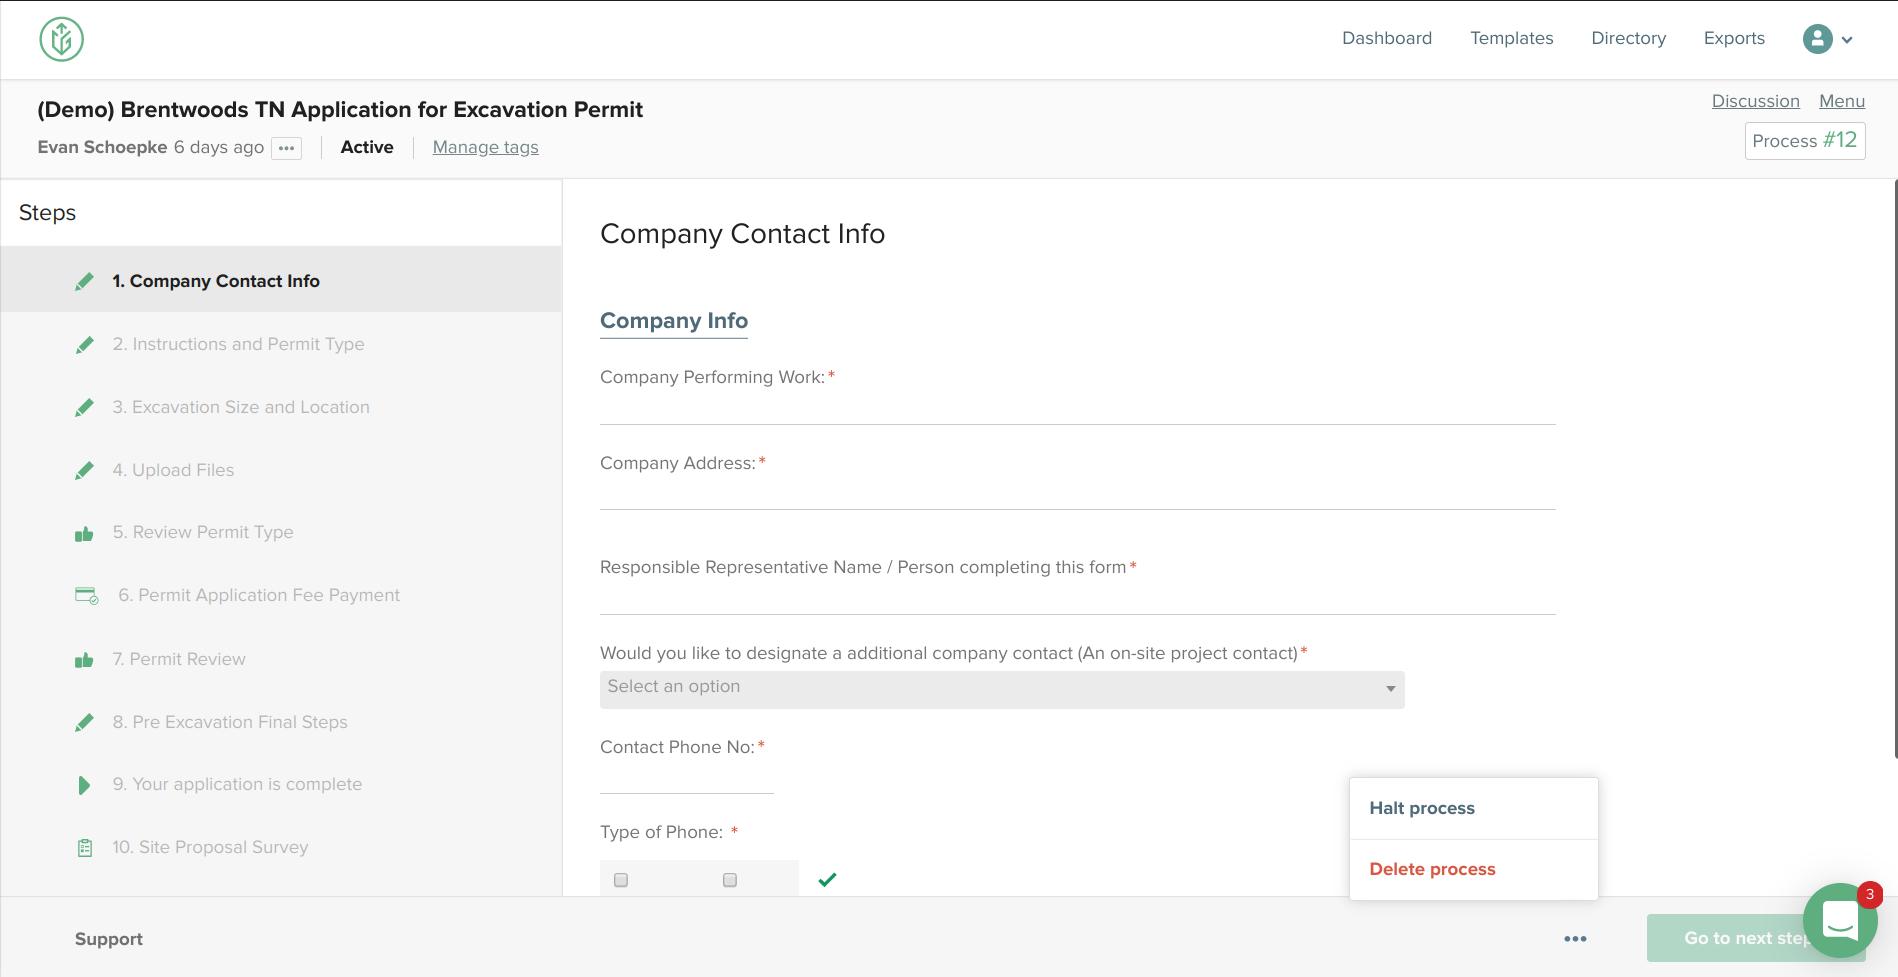 Completed Workflow Halt/Delete Process option